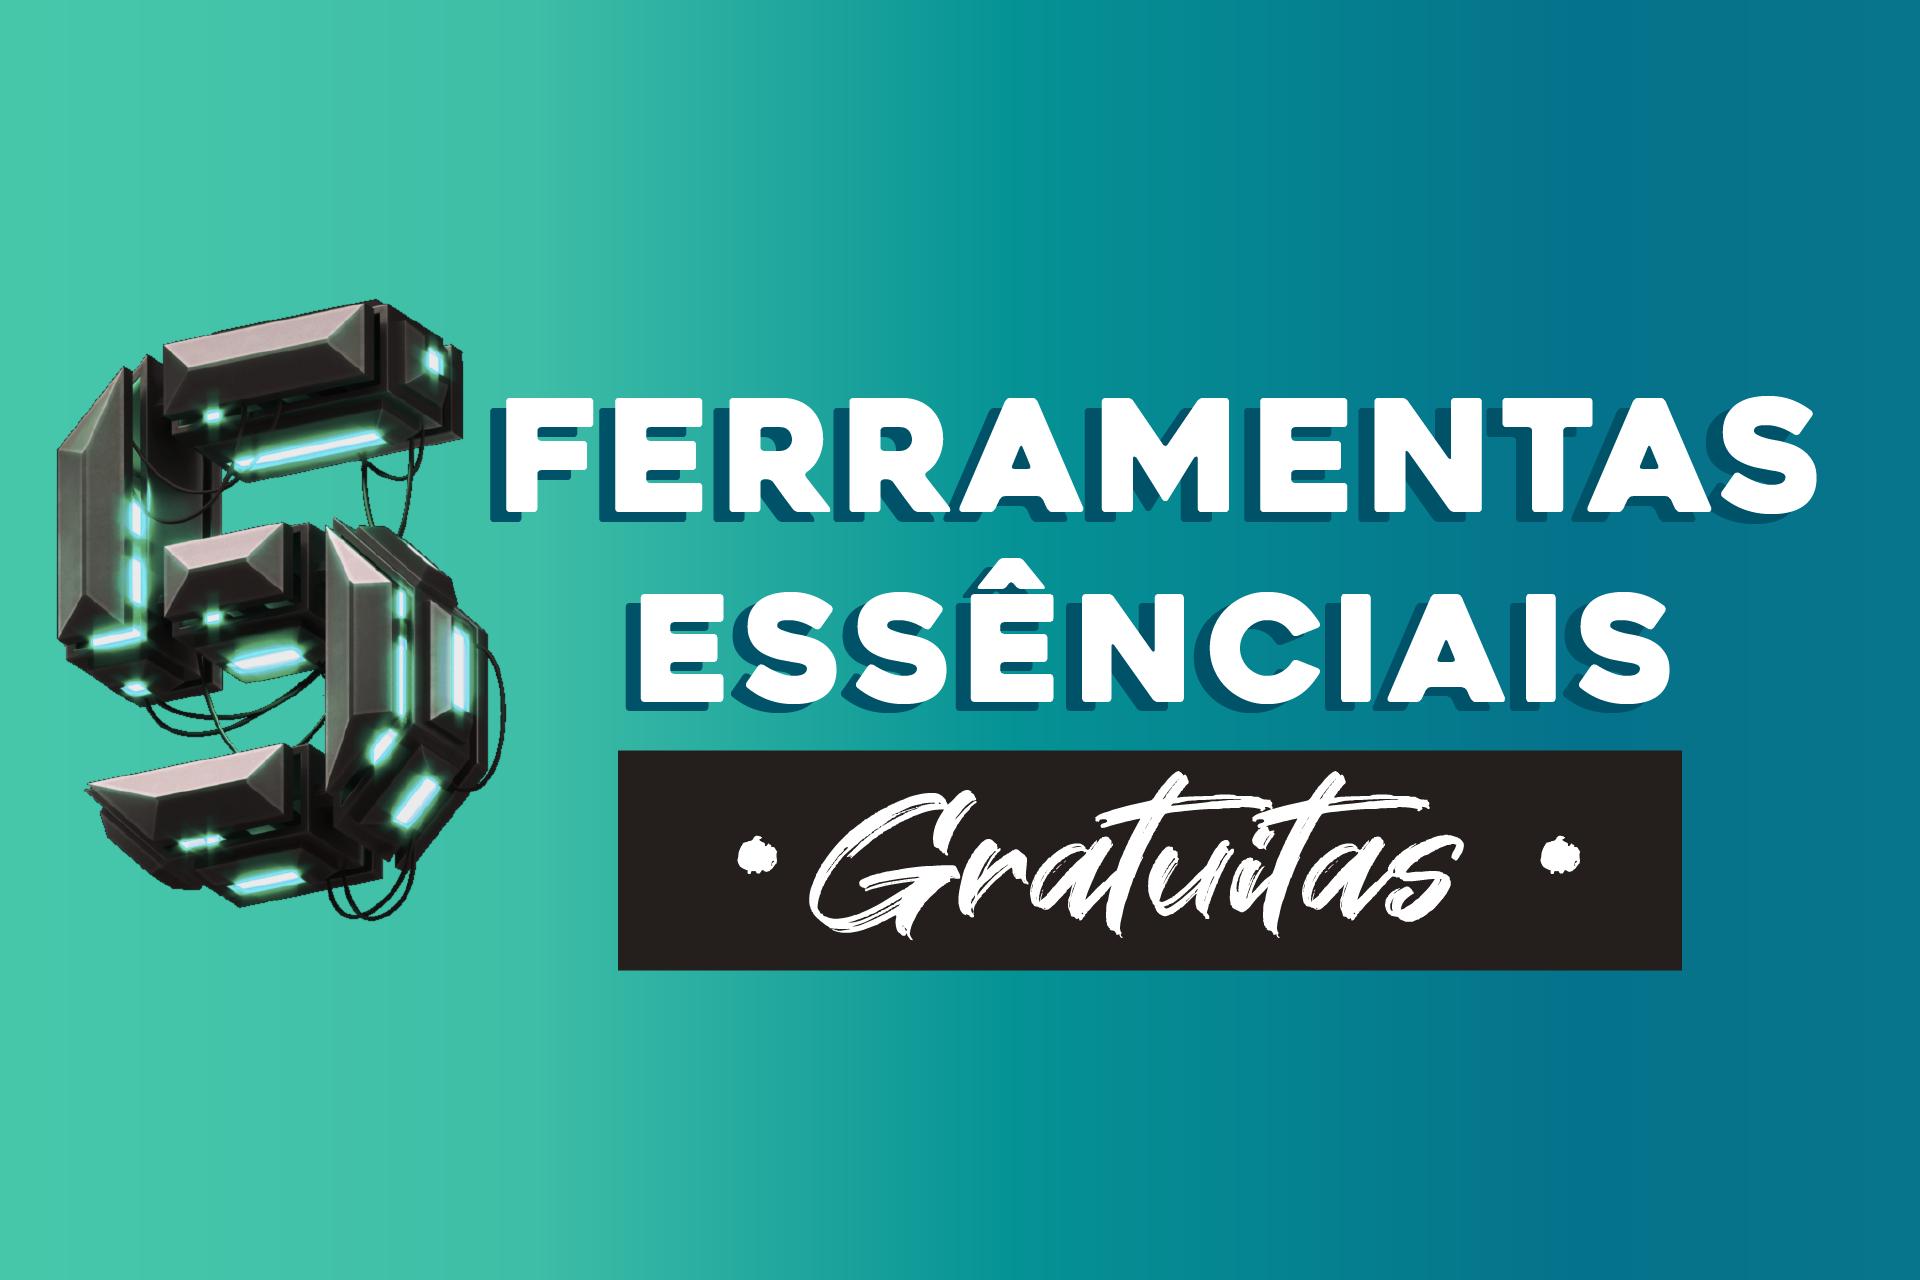 5 FERRAMENTAS GRATUITAS QUE SÃO ESSENCIAIS PARA O COMEÇO DO SEU E-COMMERCE!